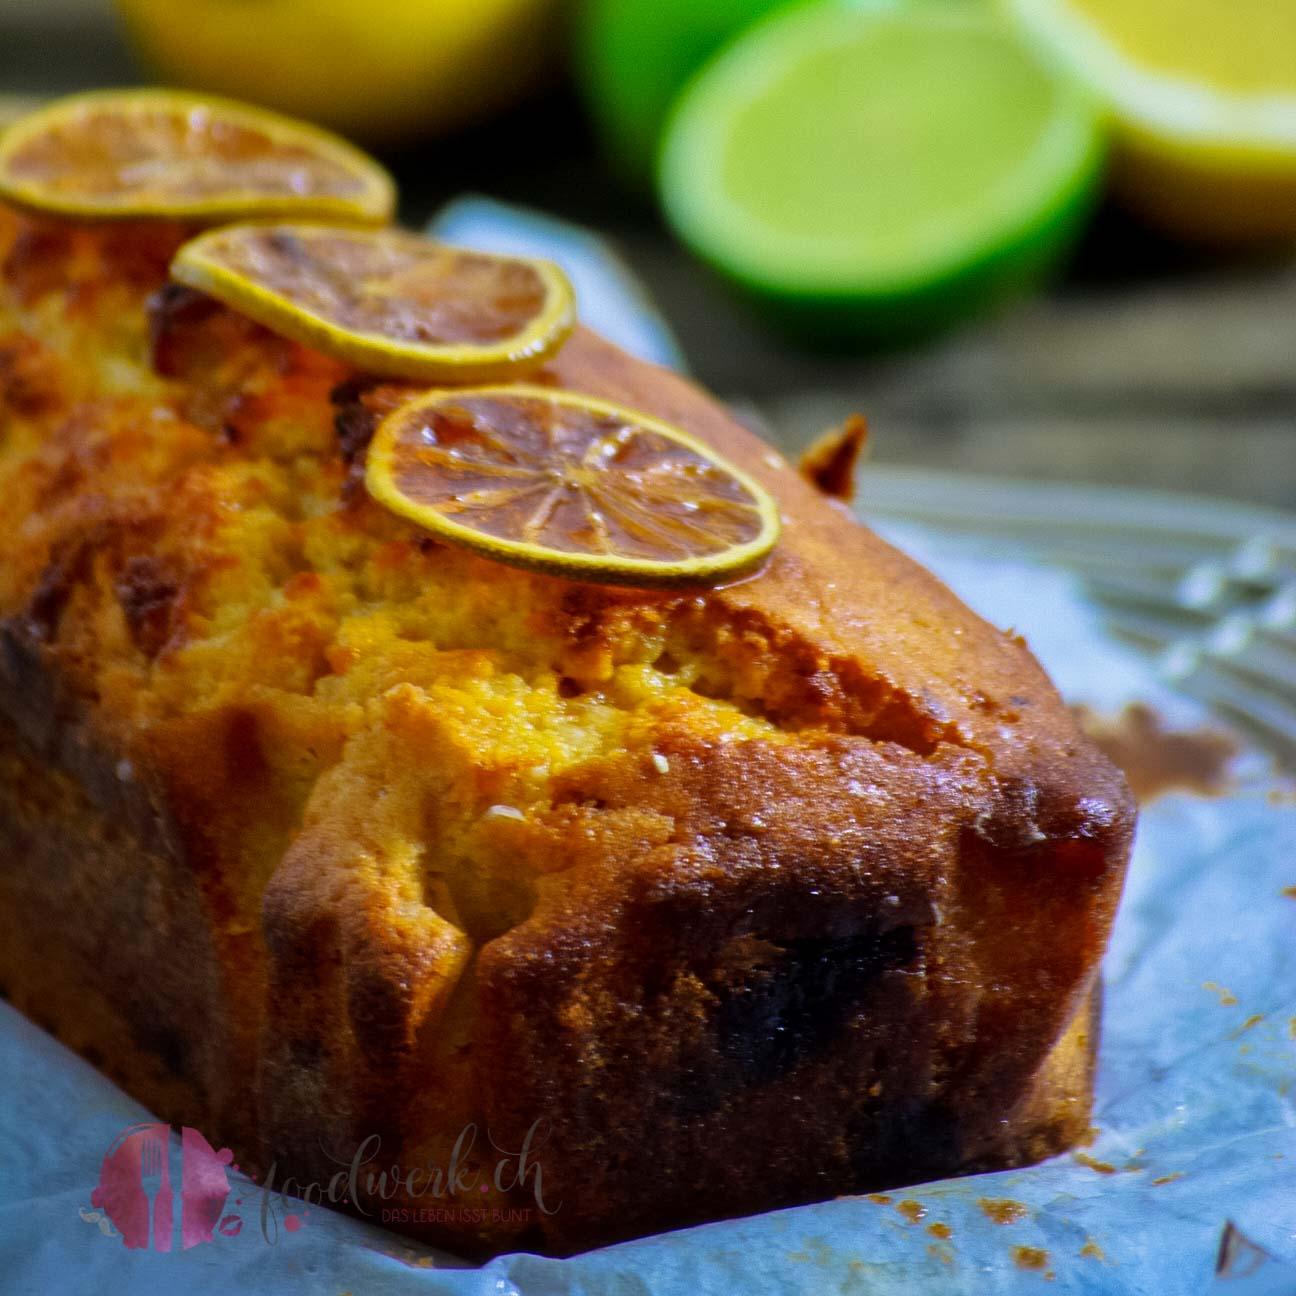 Zitronenkuchen mit karamellisierten Limetten